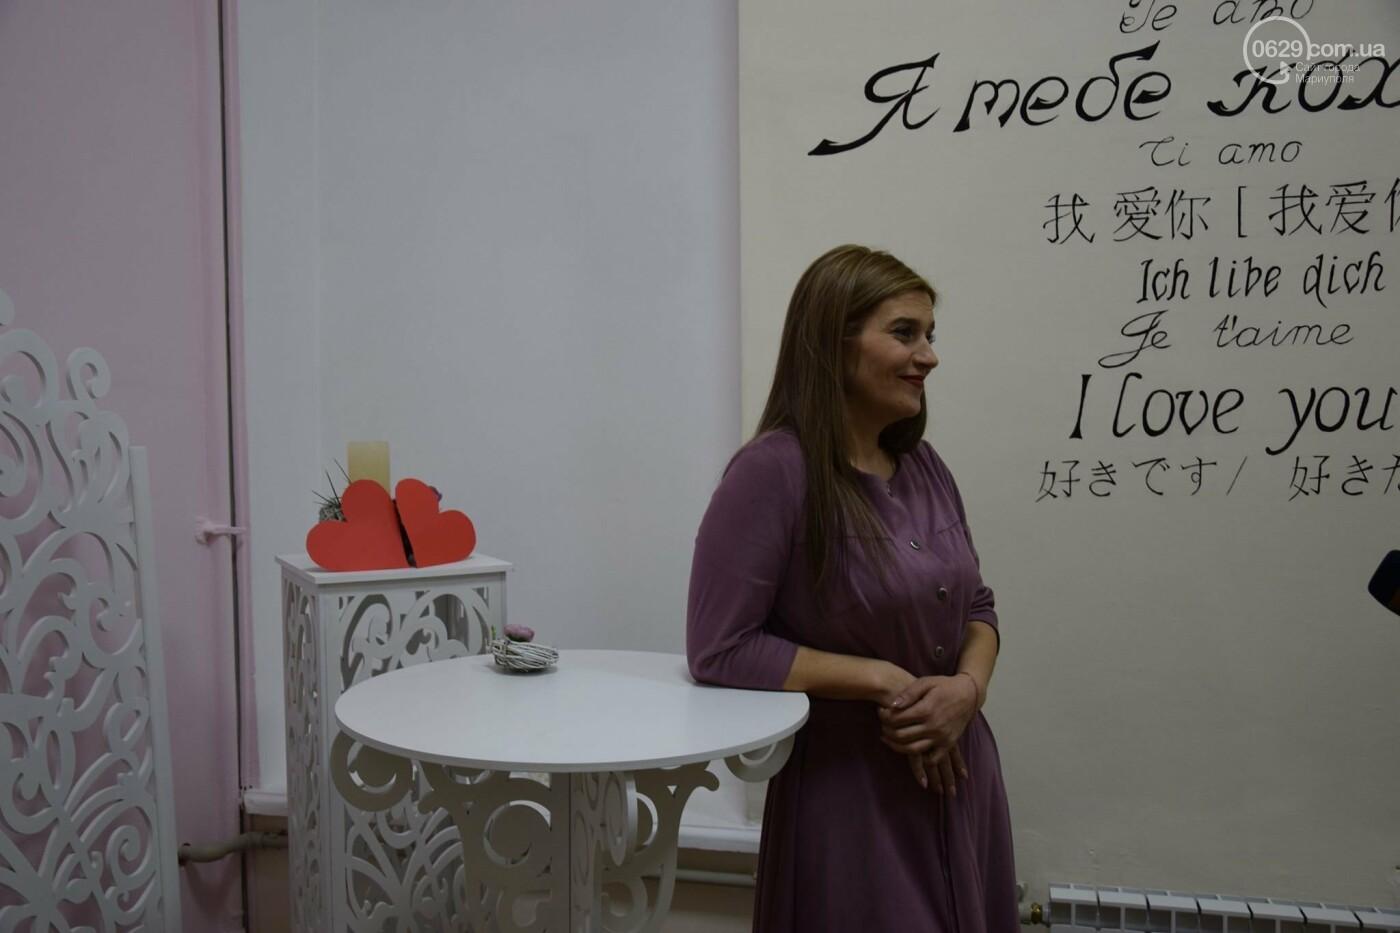 В  Мариуполе в День влюбленных расписали нетрадиционную пару,- ФОТО, ВИДЕО, фото-2